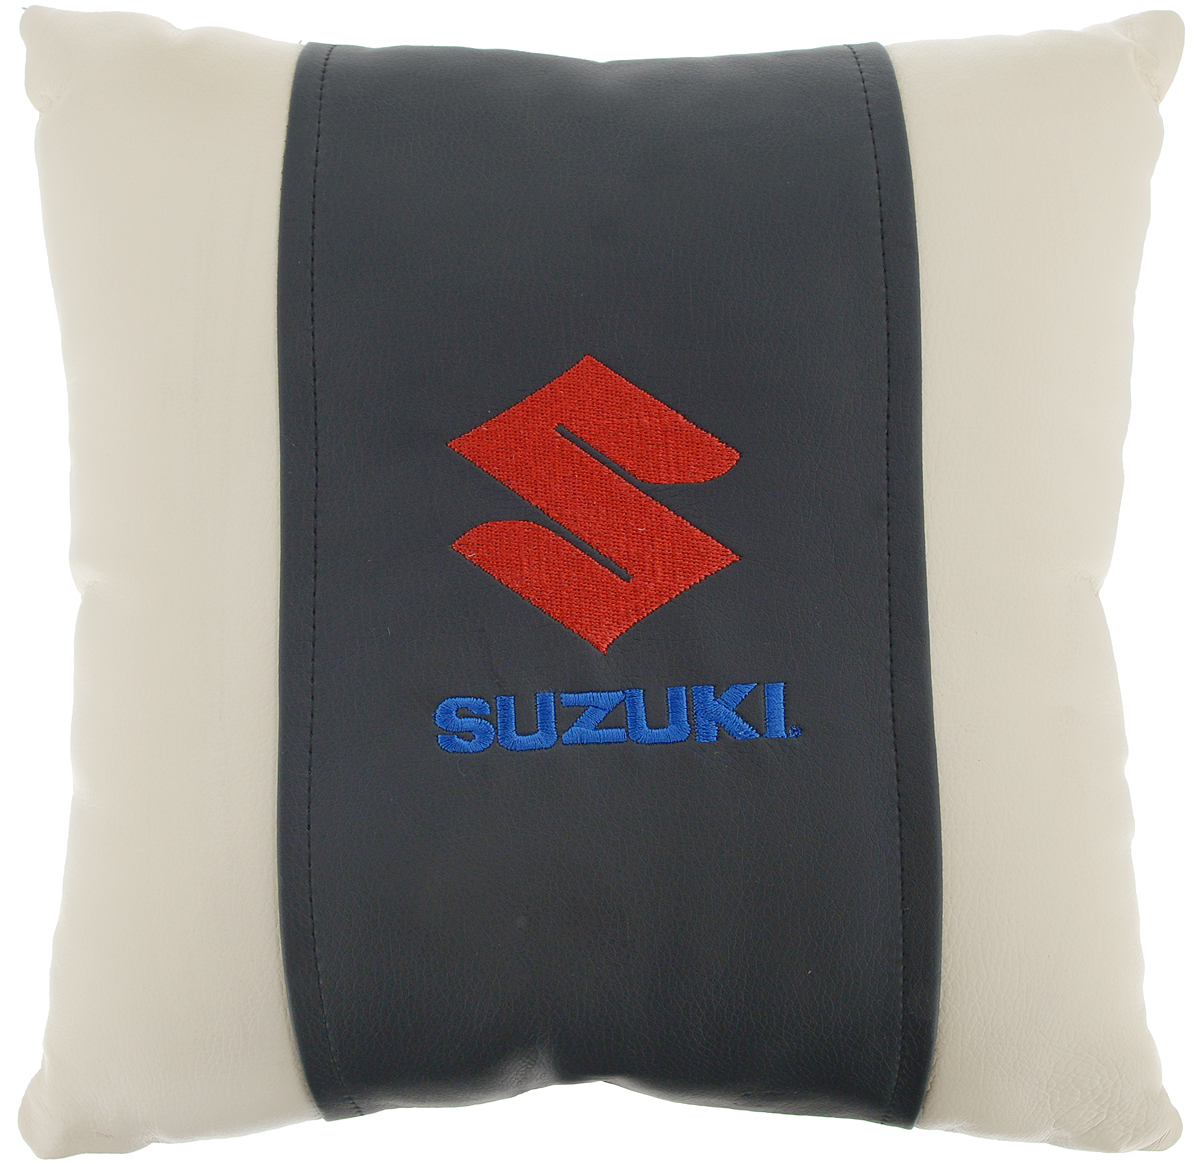 Подушка на сиденье Autoparts Suzuki, 30 х 30 смCA-3505Подушка на сиденье Autoparts Suzuki создана для тех, кто весь свой день вынужден проводить за рулем. Чехол выполнен из высококачественной дышащей экокожи. Наполнителем служит холлофайбер. На задней части подушки имеется змейка.Особенности подушки:- Хорошо проветривается.- Предупреждает потение.- Поддерживает комфортную температуру.- Обминается по форме тела.- Улучшает кровообращение.- Исключает затечные явления.- Предупреждает развитие заболеваний, связанных с сидячим образом жизни. Подушка также будет полезна и дома - при работе за компьютером, школьникам - при выполнении домашних работ, да и в любимом кресле перед телевизором.